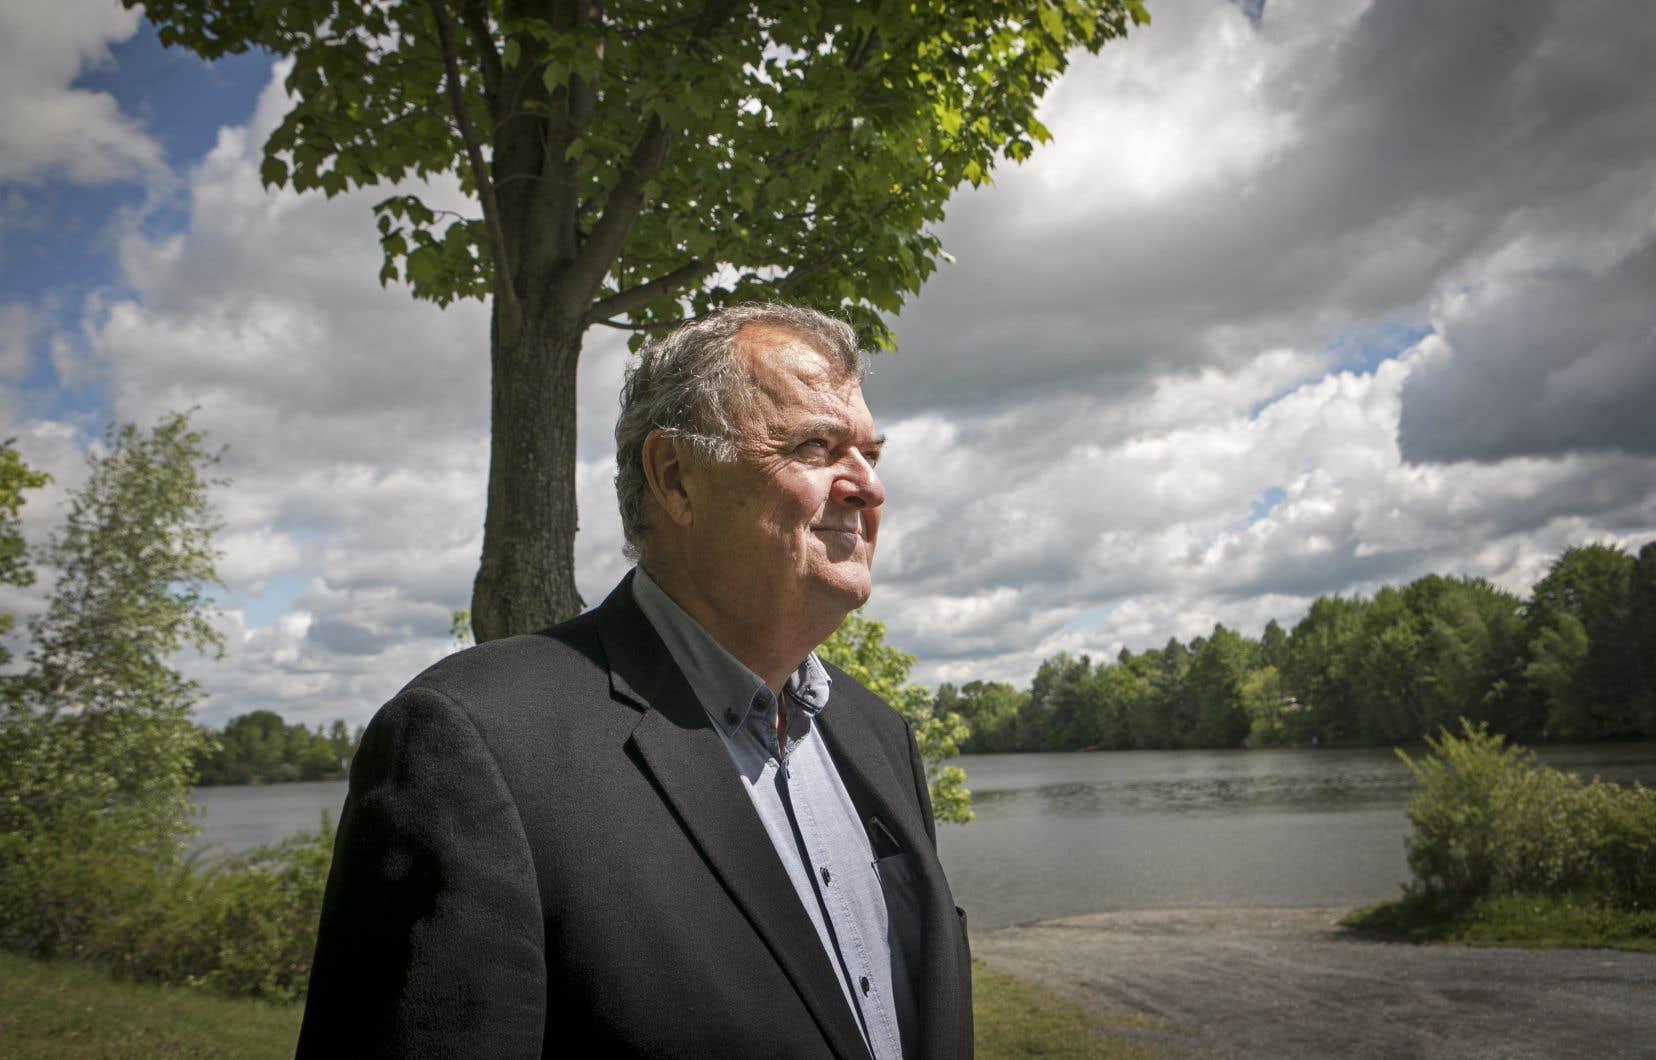 Après la crise,le gouvernement devrait plutôt privilégier une approche de long terme, estime le professeur associé à HEC Montréal et homme d'affaires Henri-Paul Rousseau.